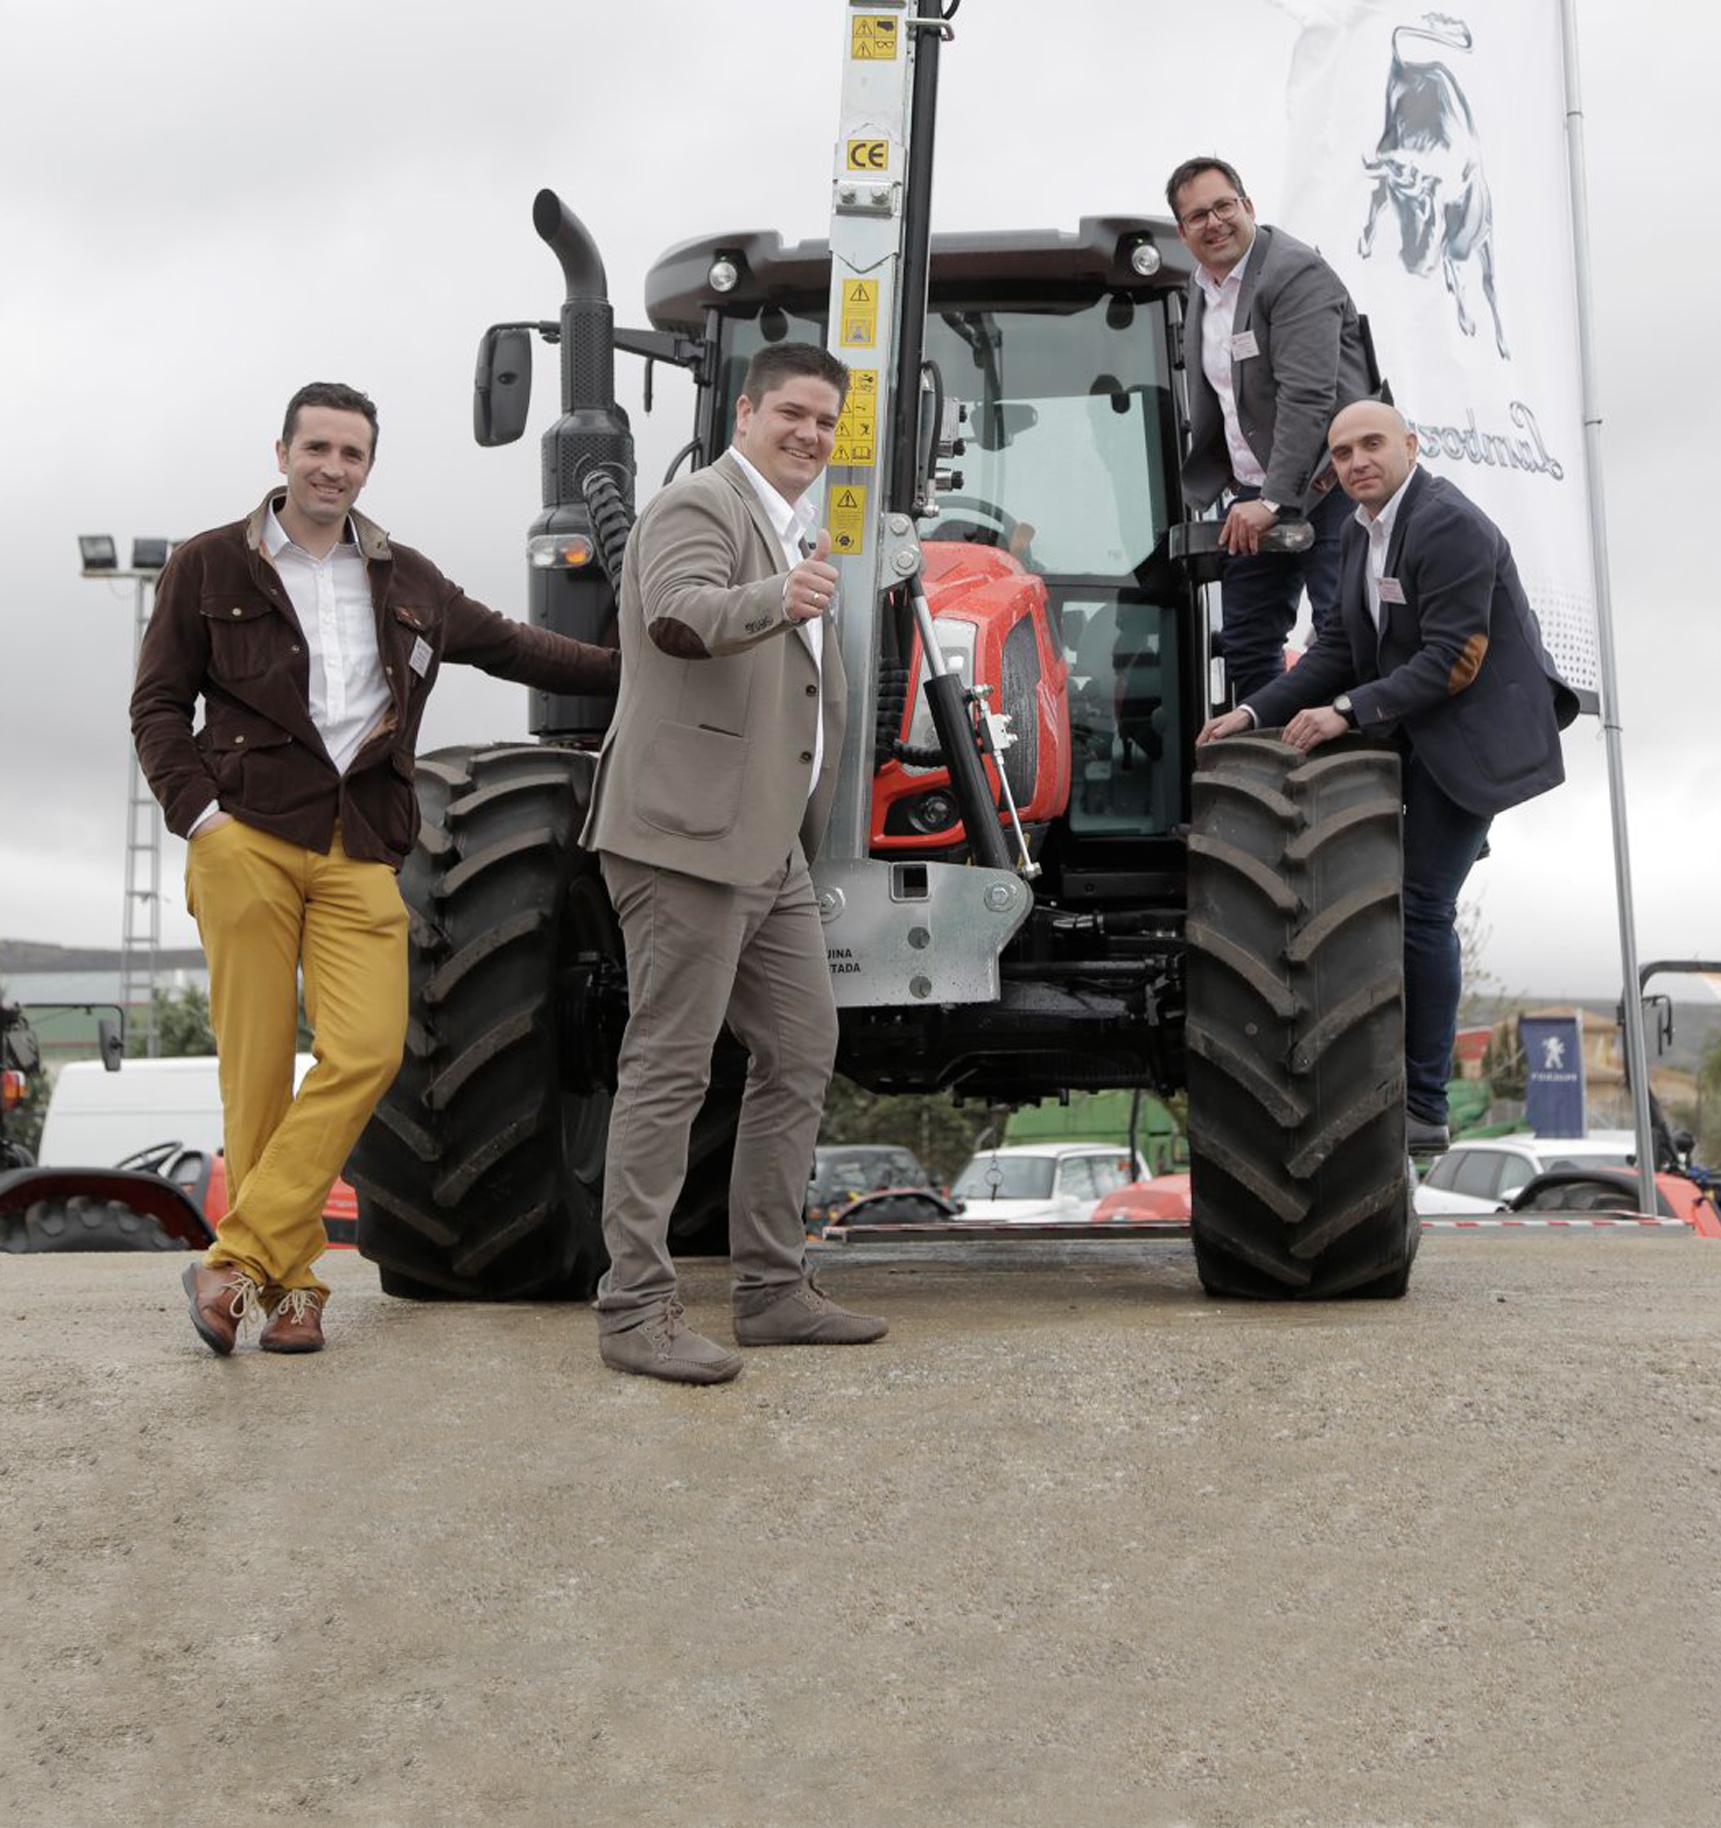 Agrolabor Altiplano. Maquinaria agrícola en Granada, Almería y Baza. Conoce a nuestro equipo y sus instalaciones.